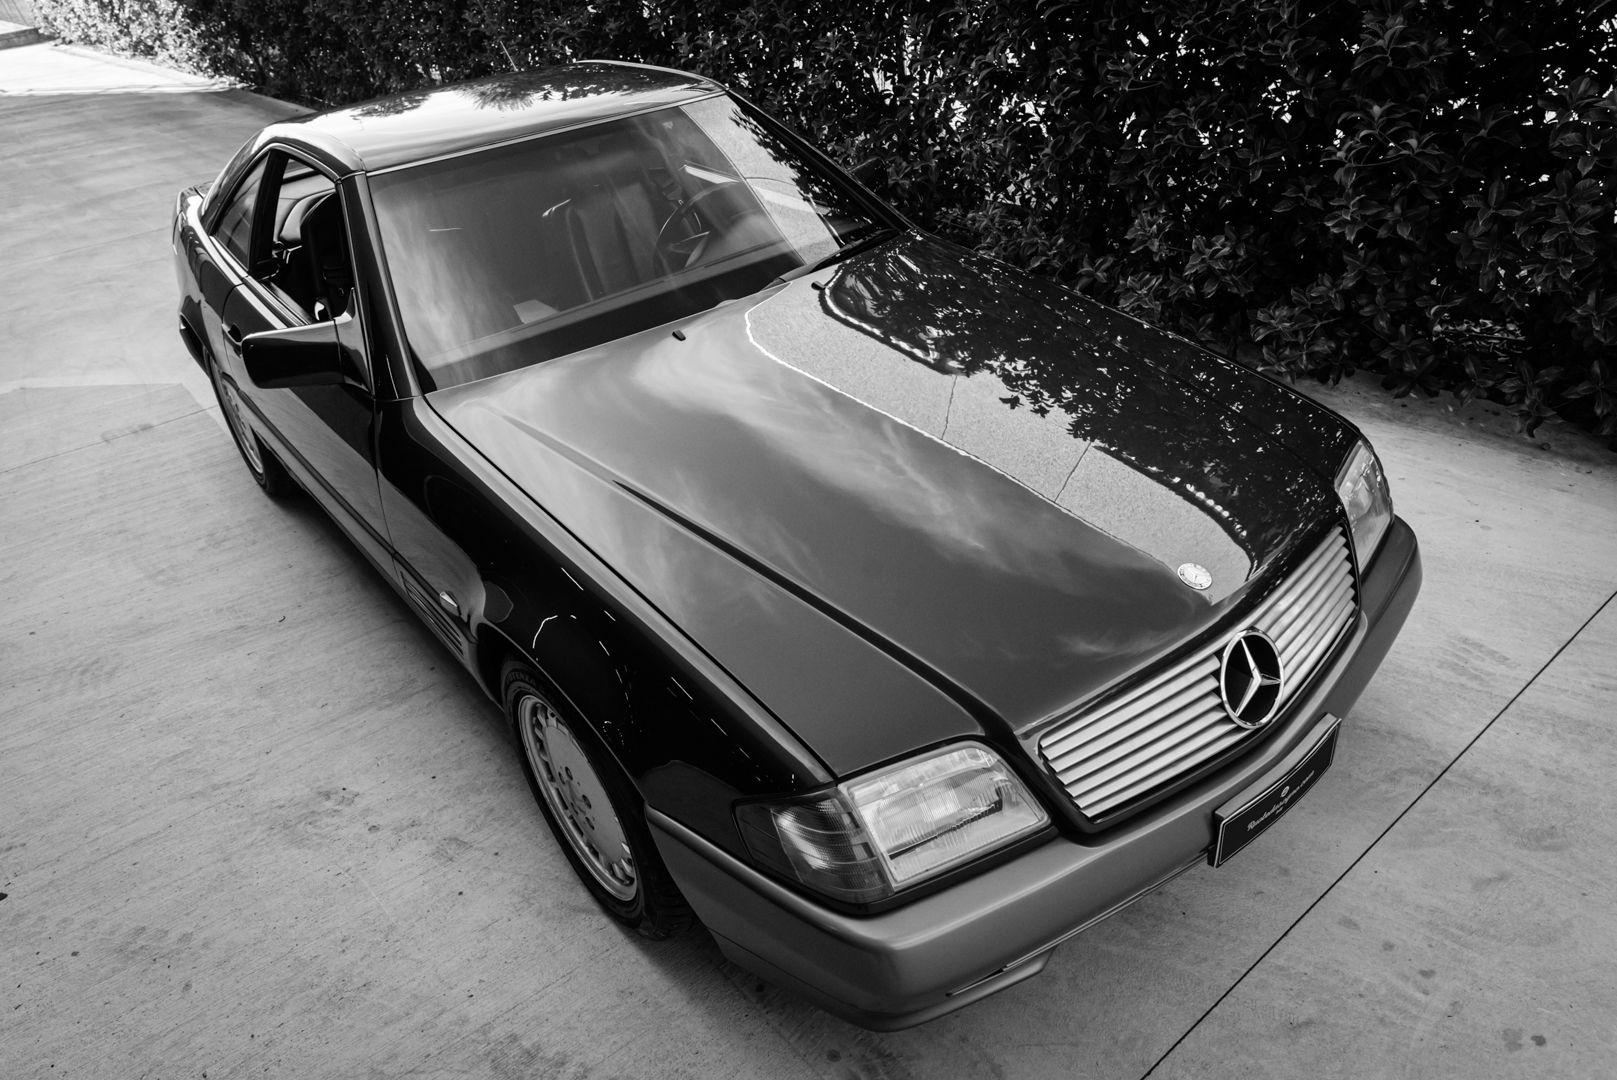 1992 Mercedes Benz 300 SL 24 V 80611